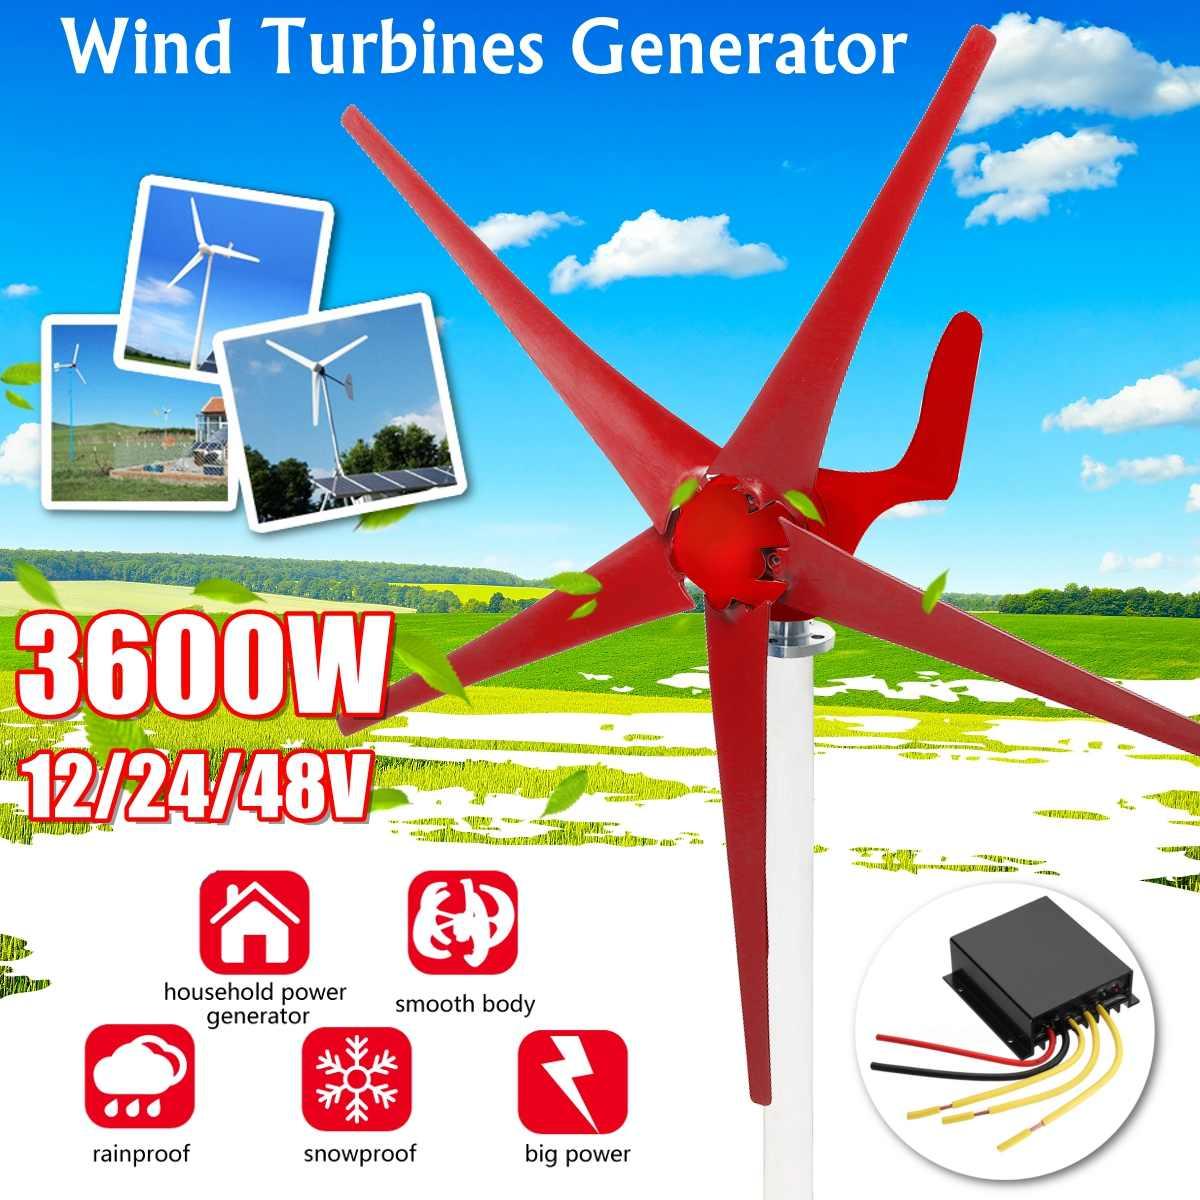 3600W Gerador de Energia Eólica Turbinas 12/24/48V 5 Pás Eólicas Opção Com Controlador de Carga de Uso para Casa, luzes, luzes de Acampamento, Barco